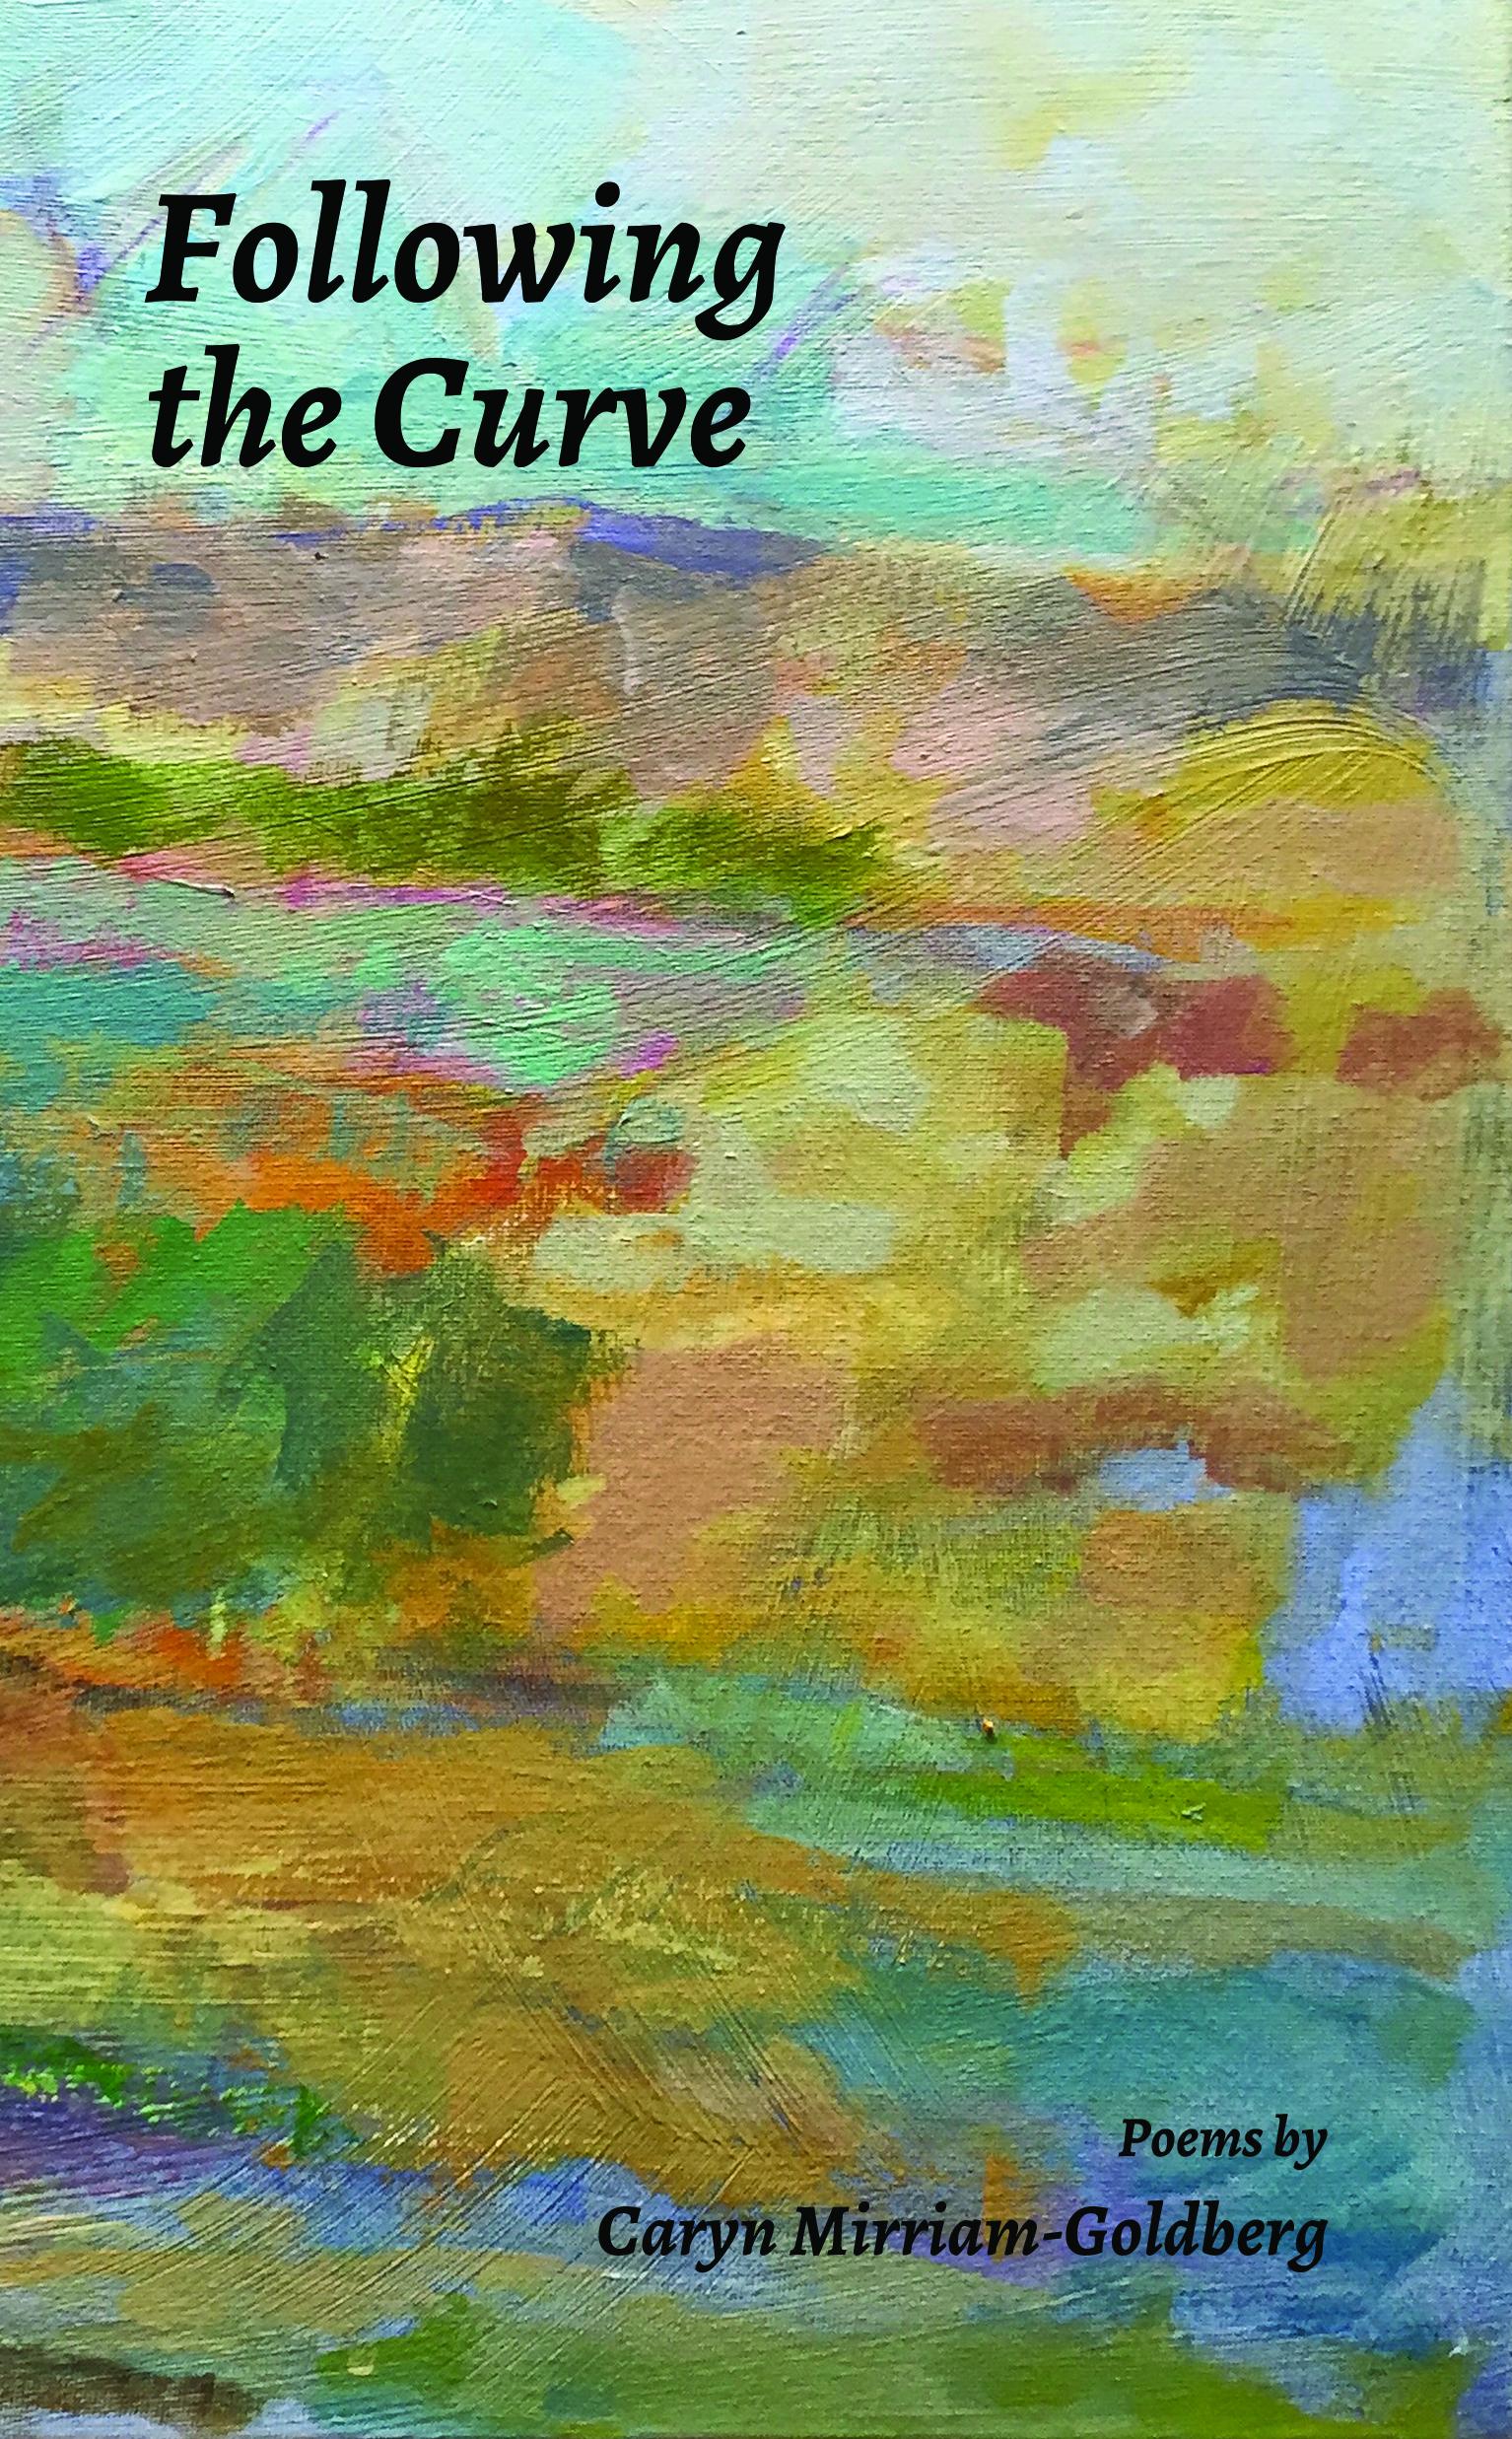 Caryn Mirriam-Goldberg, Following the Curve, cover, 9-28-17.jpg